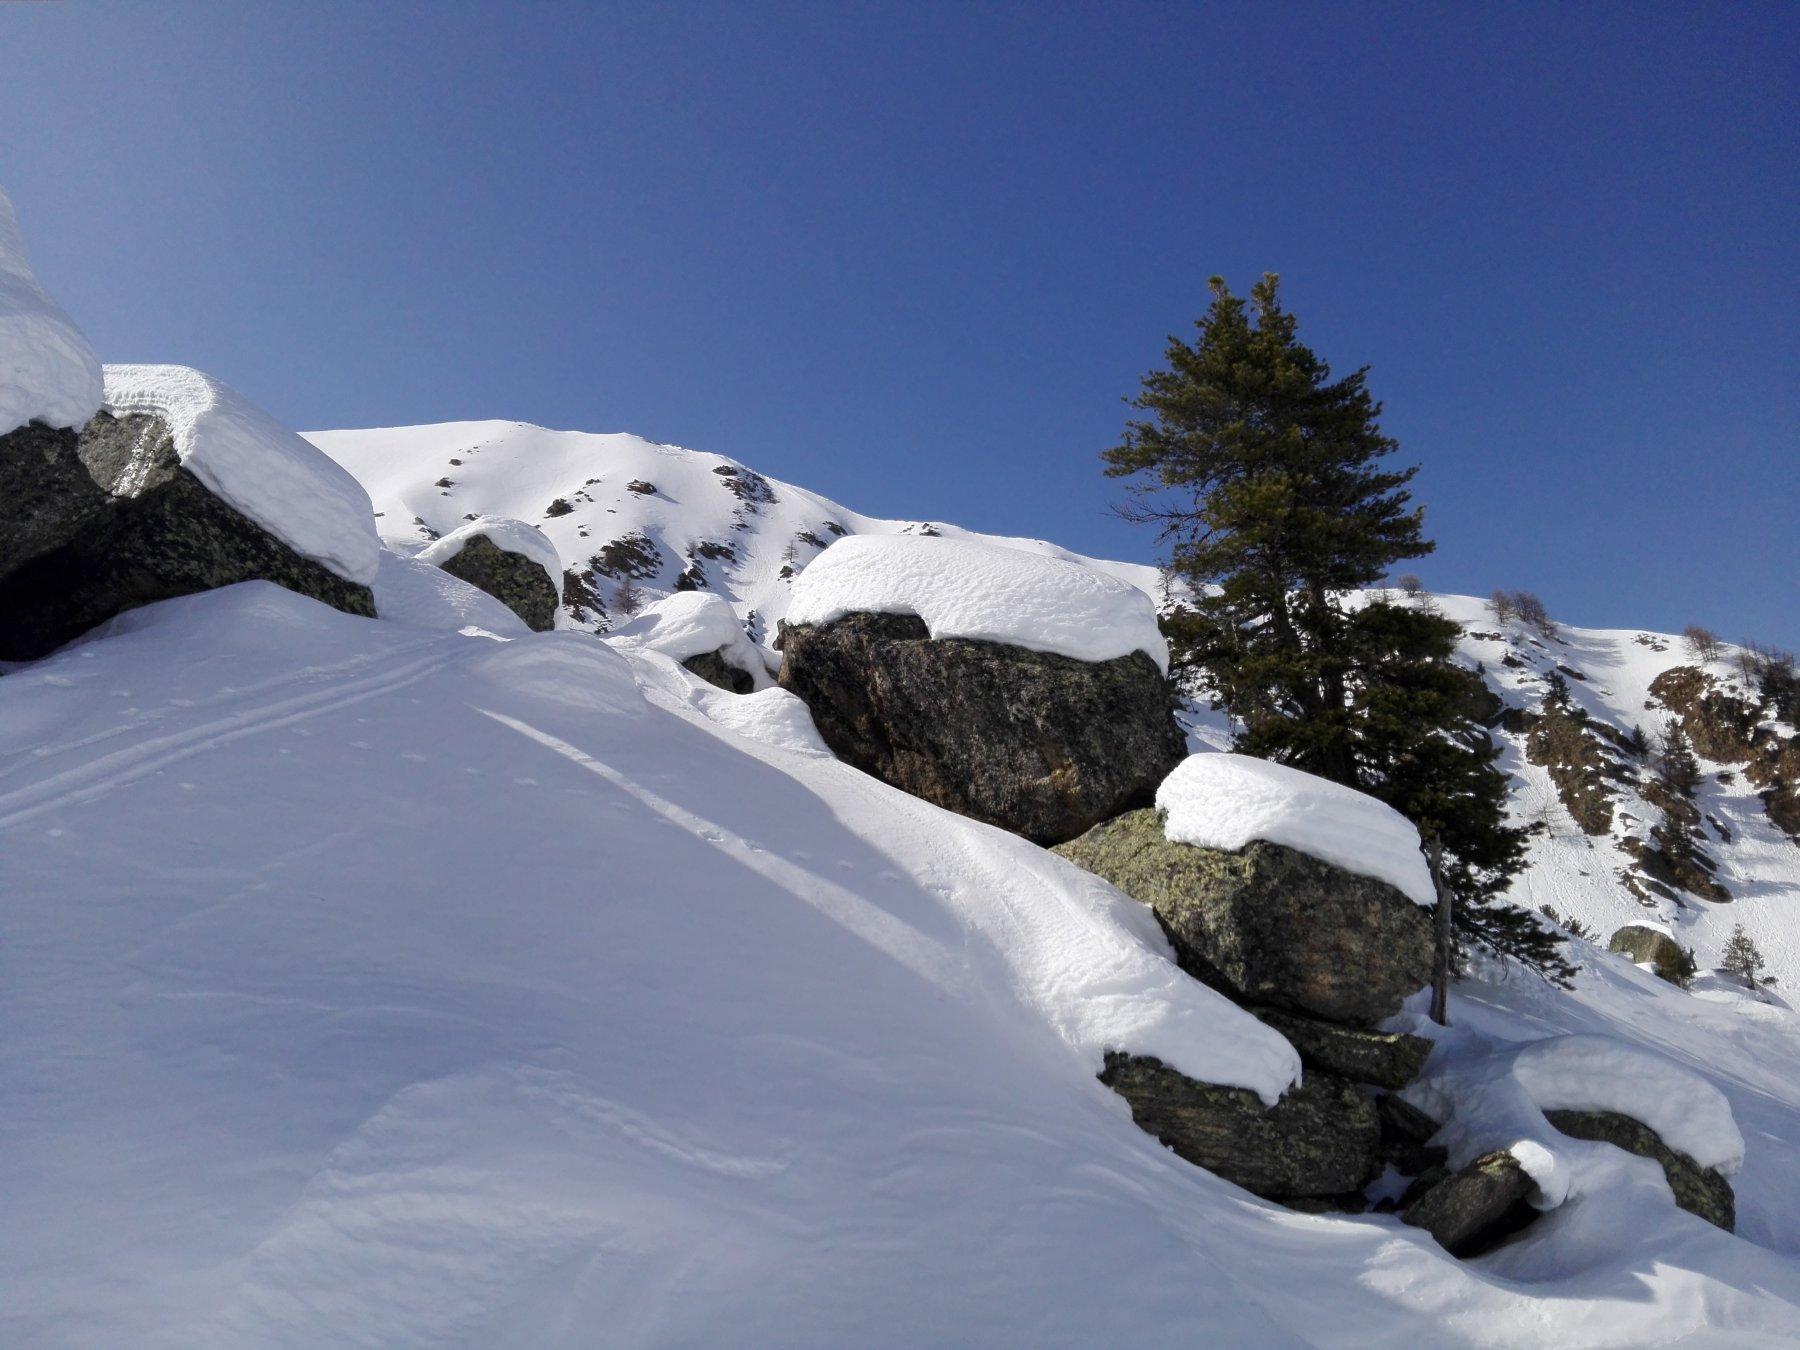 In alto c'è un sacco di neve